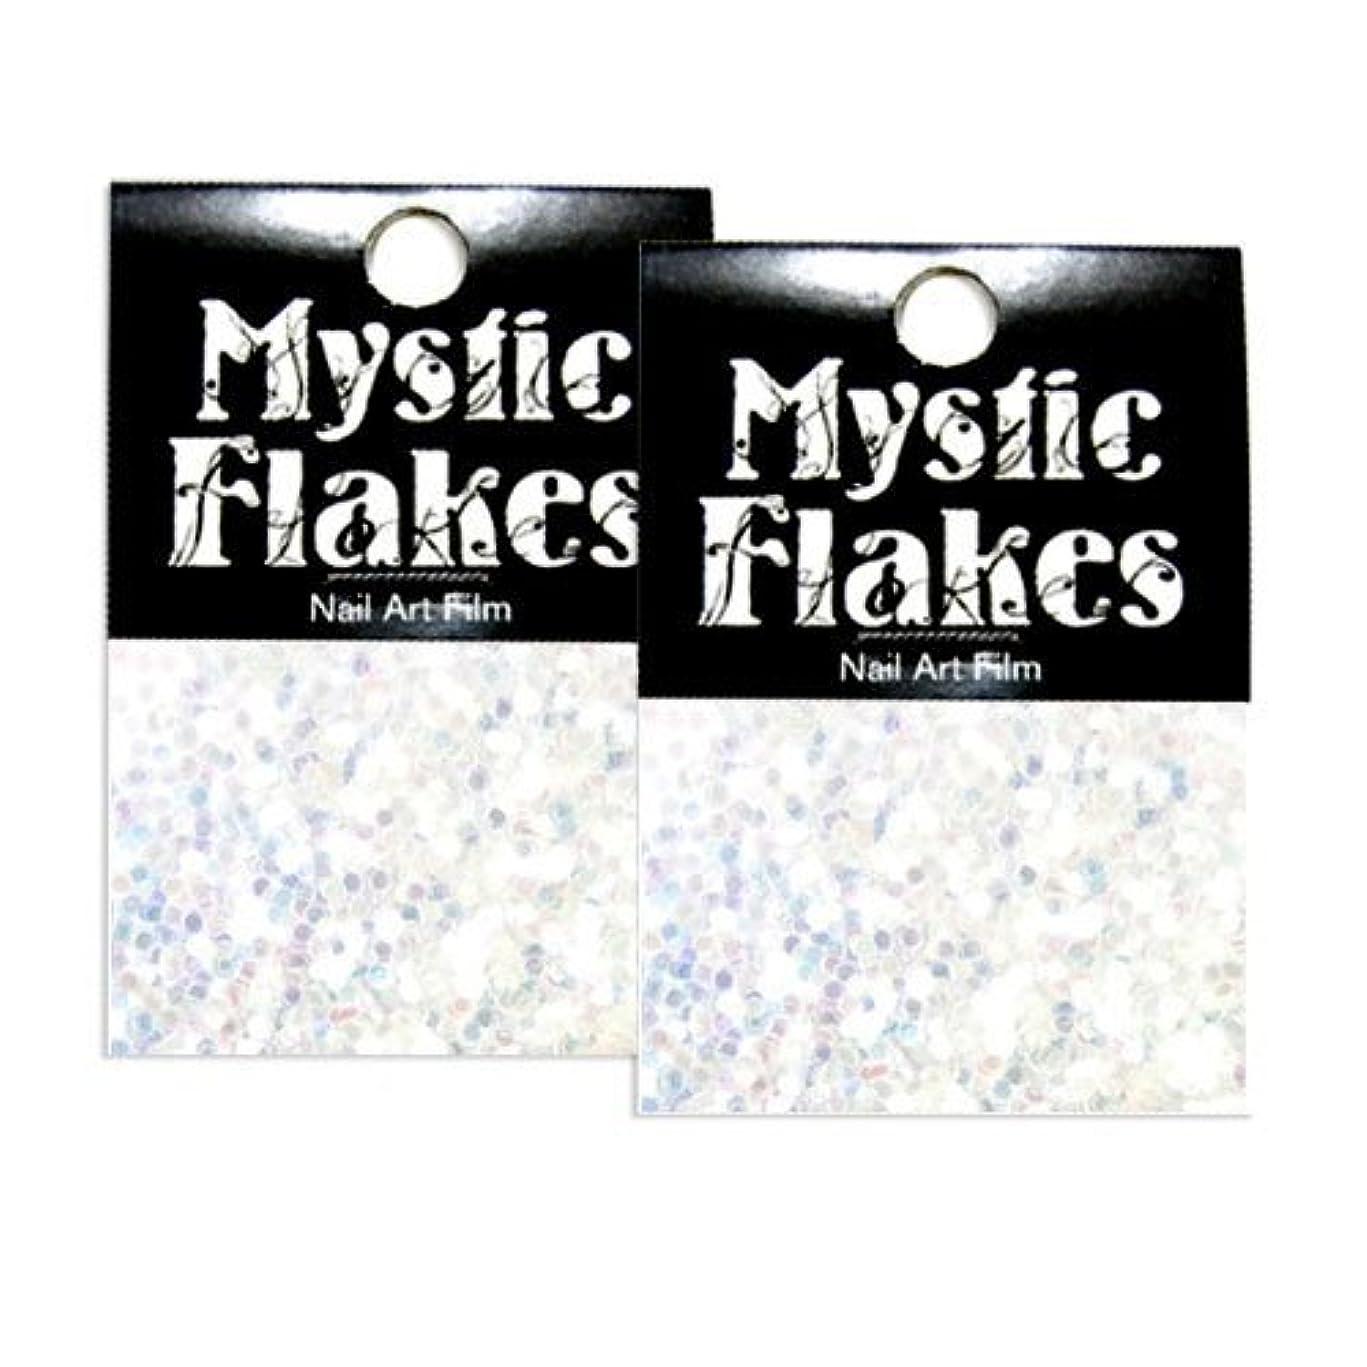 神話バイオレット大声でミスティックフレース ネイル用ストーン オーロラホワイト ヘキサゴン 1mm 0.5g 2個セット